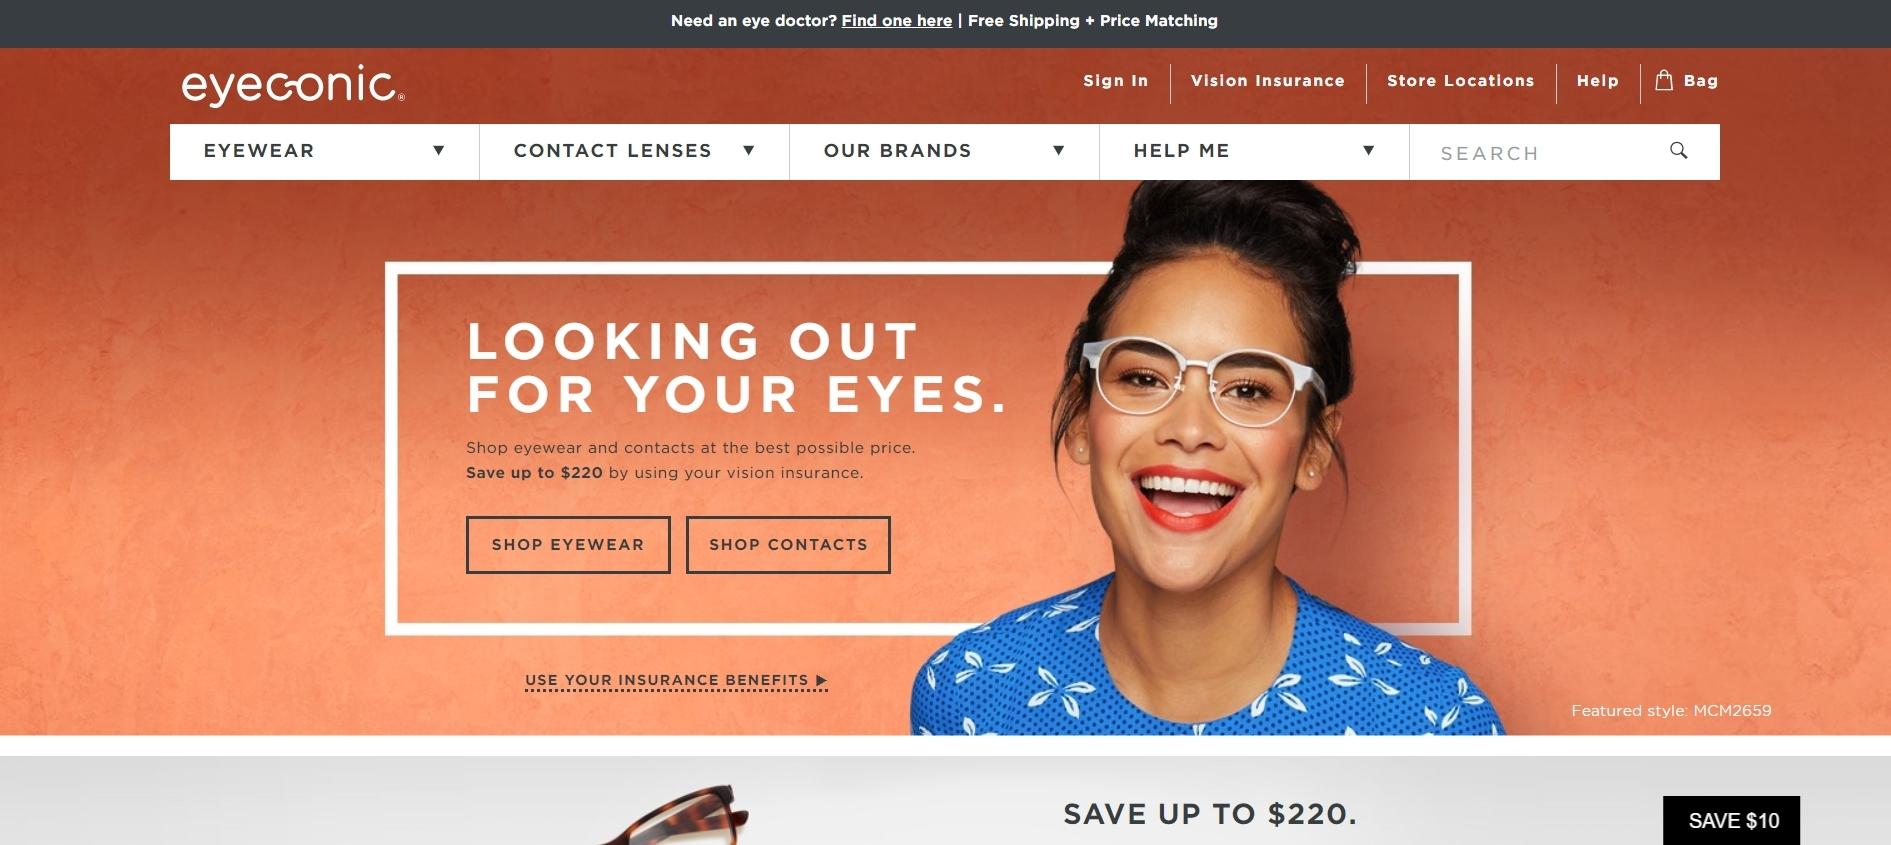 Eyeconic Eyewear Review